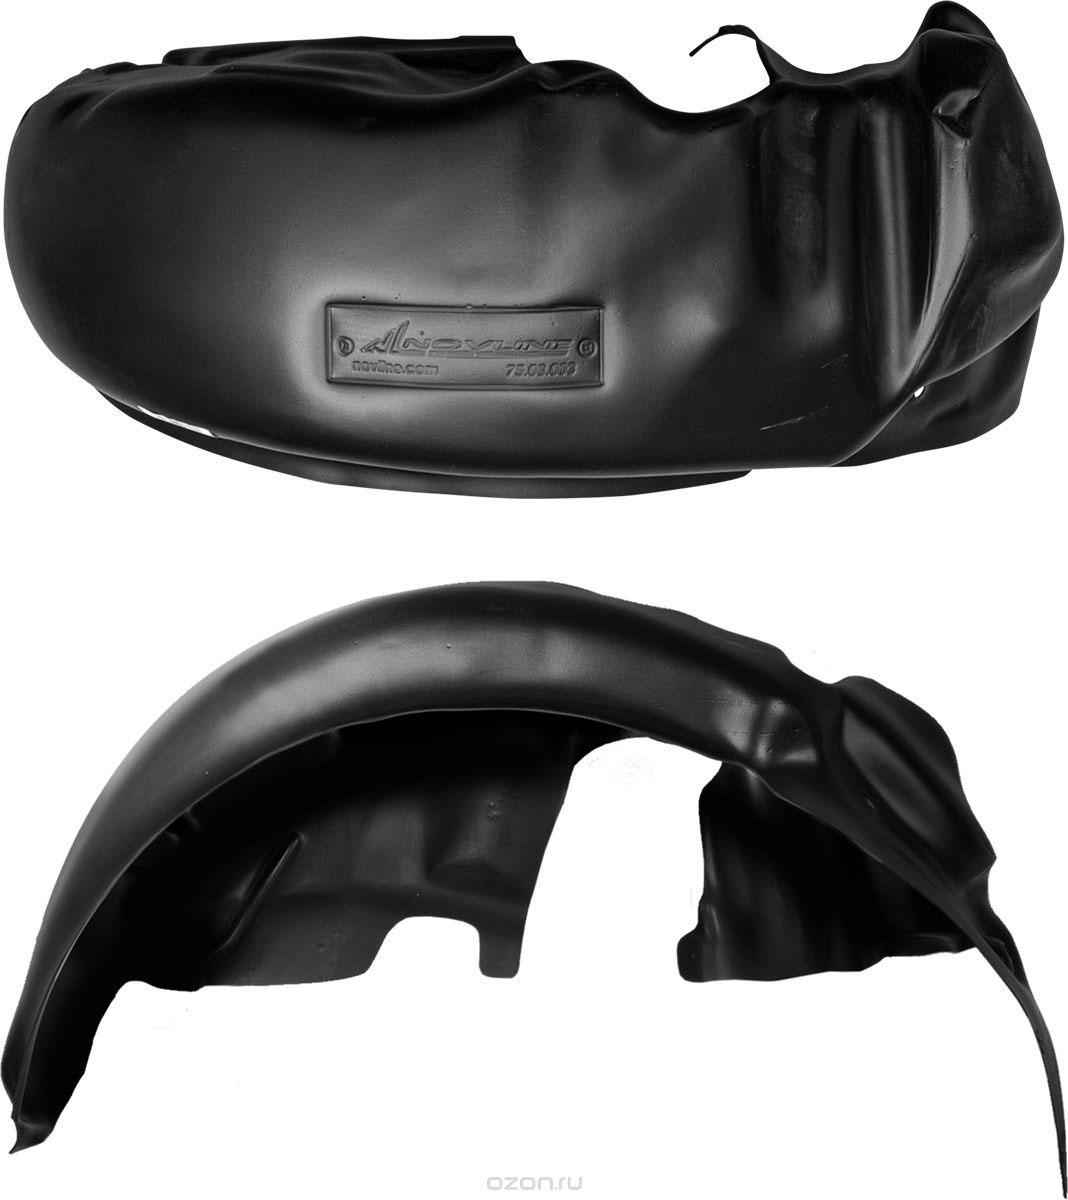 Подкрылок Novline-Autofamily, для MITSUBISHI L200 2007, 2010-2015 с расширителями арок, задний правыйNLL.35.15.004Идеальная защита колесной ниши. Локеры разработаны с применением цифровых технологий, гарантируют максимальную повторяемость поверхности арки. Изделия устанавливаются без нарушения лакокрасочного покрытия автомобиля, каждый подкрылок комплектуется крепежом. Уважаемые клиенты, обращаем ваше внимание, что фотографии на подкрылки универсальные и не отражают реальную форму изделия. При этом само изделие идет точно под размер указанного автомобиля.